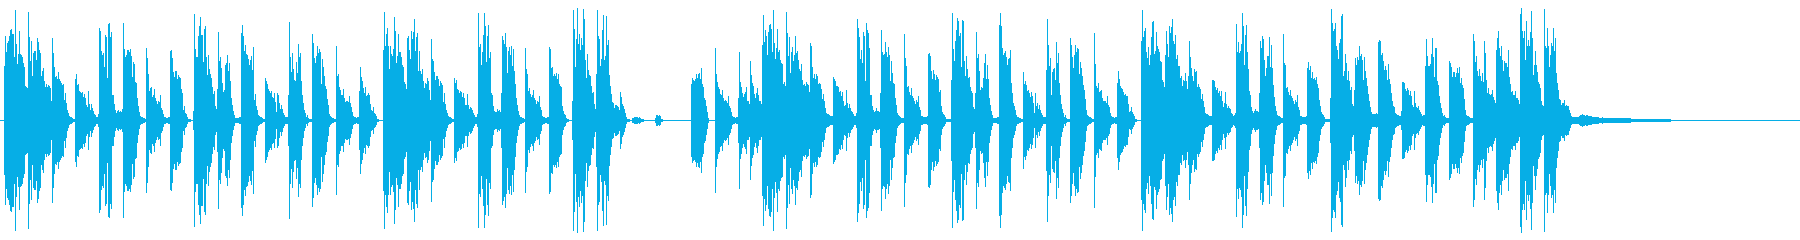 渋い印象のシンキングタイム04の再生済みの波形